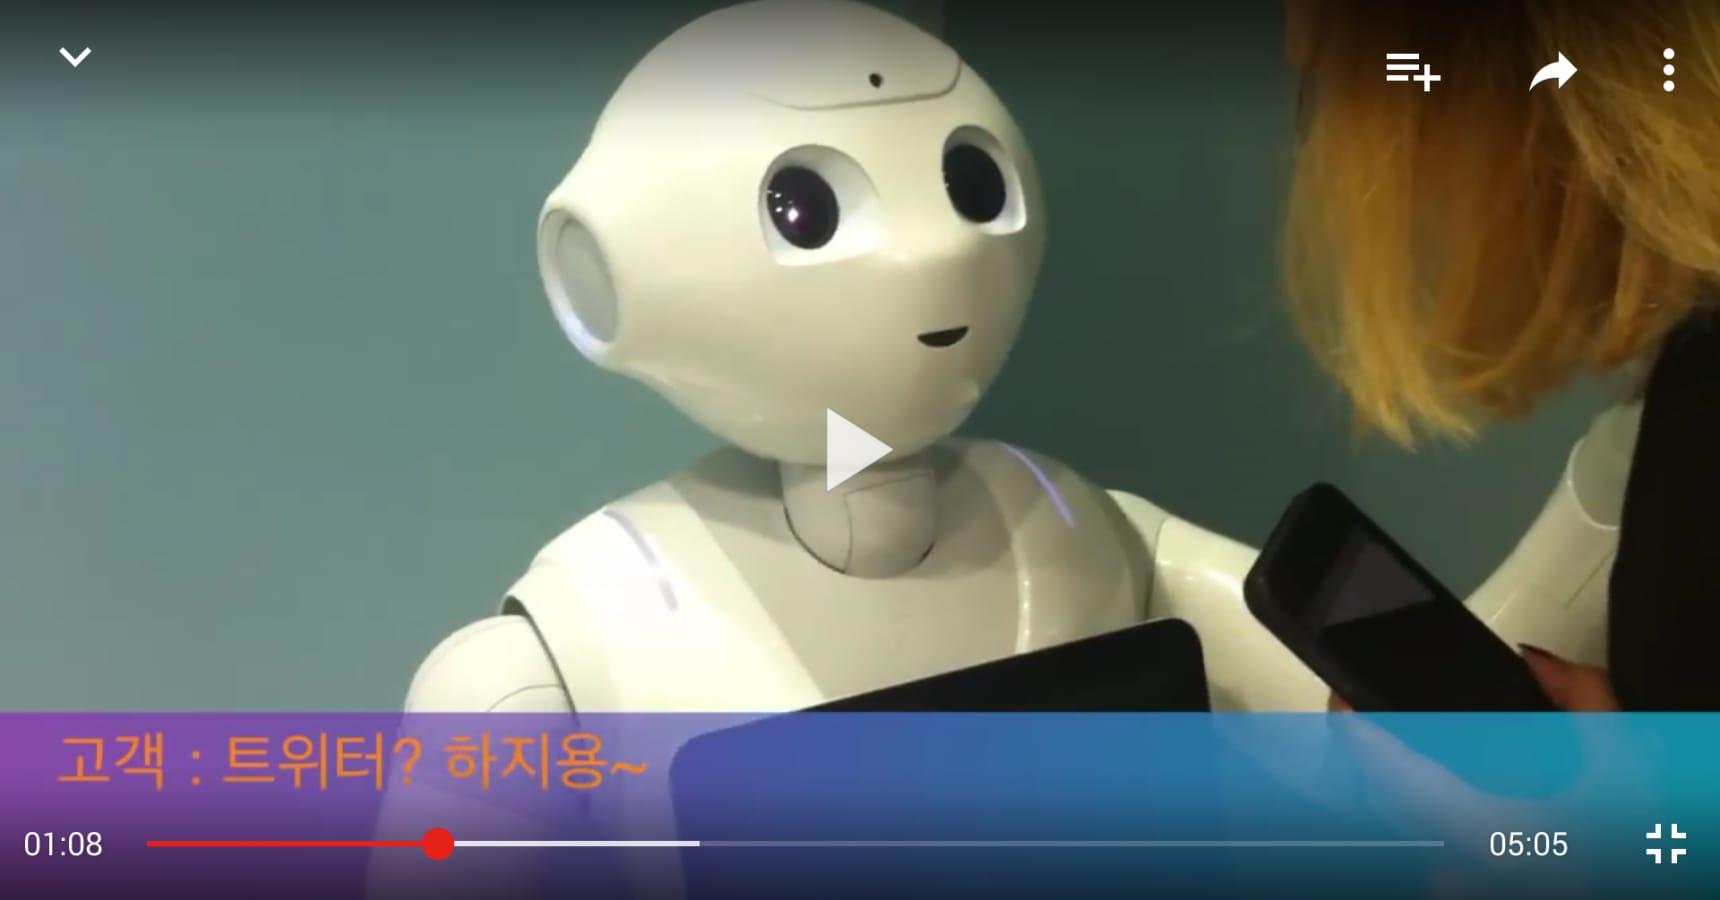 """영화 Her이 현실로?? Softbank의 로봇 """"페퍼"""" 1분만에 매진"""